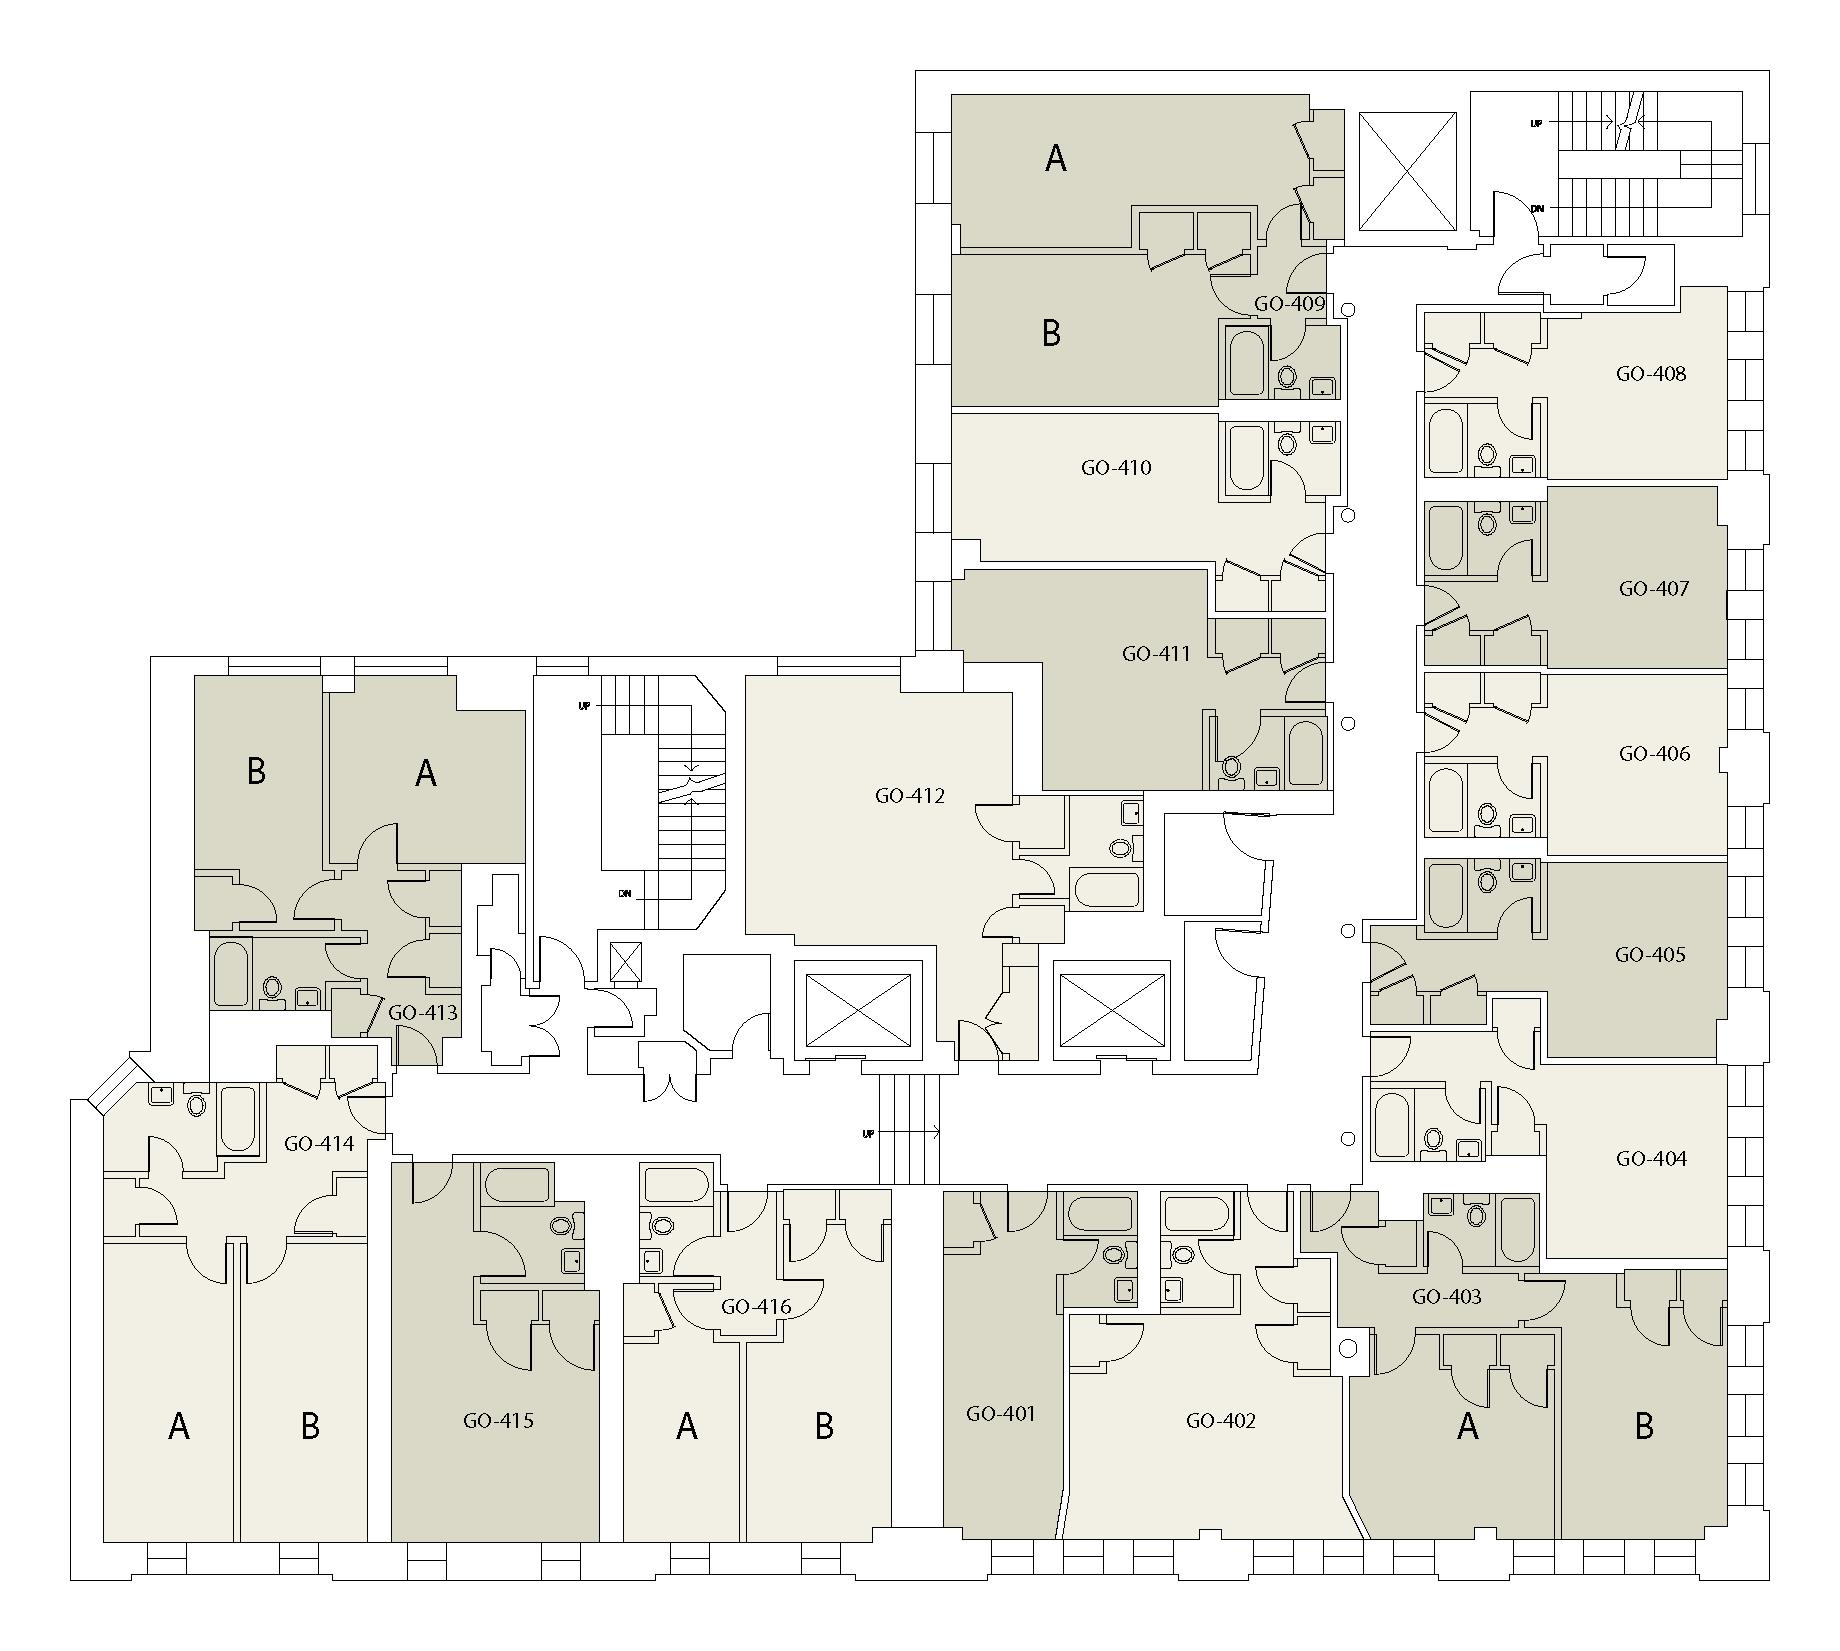 Floor plan for Goddard Floor 04